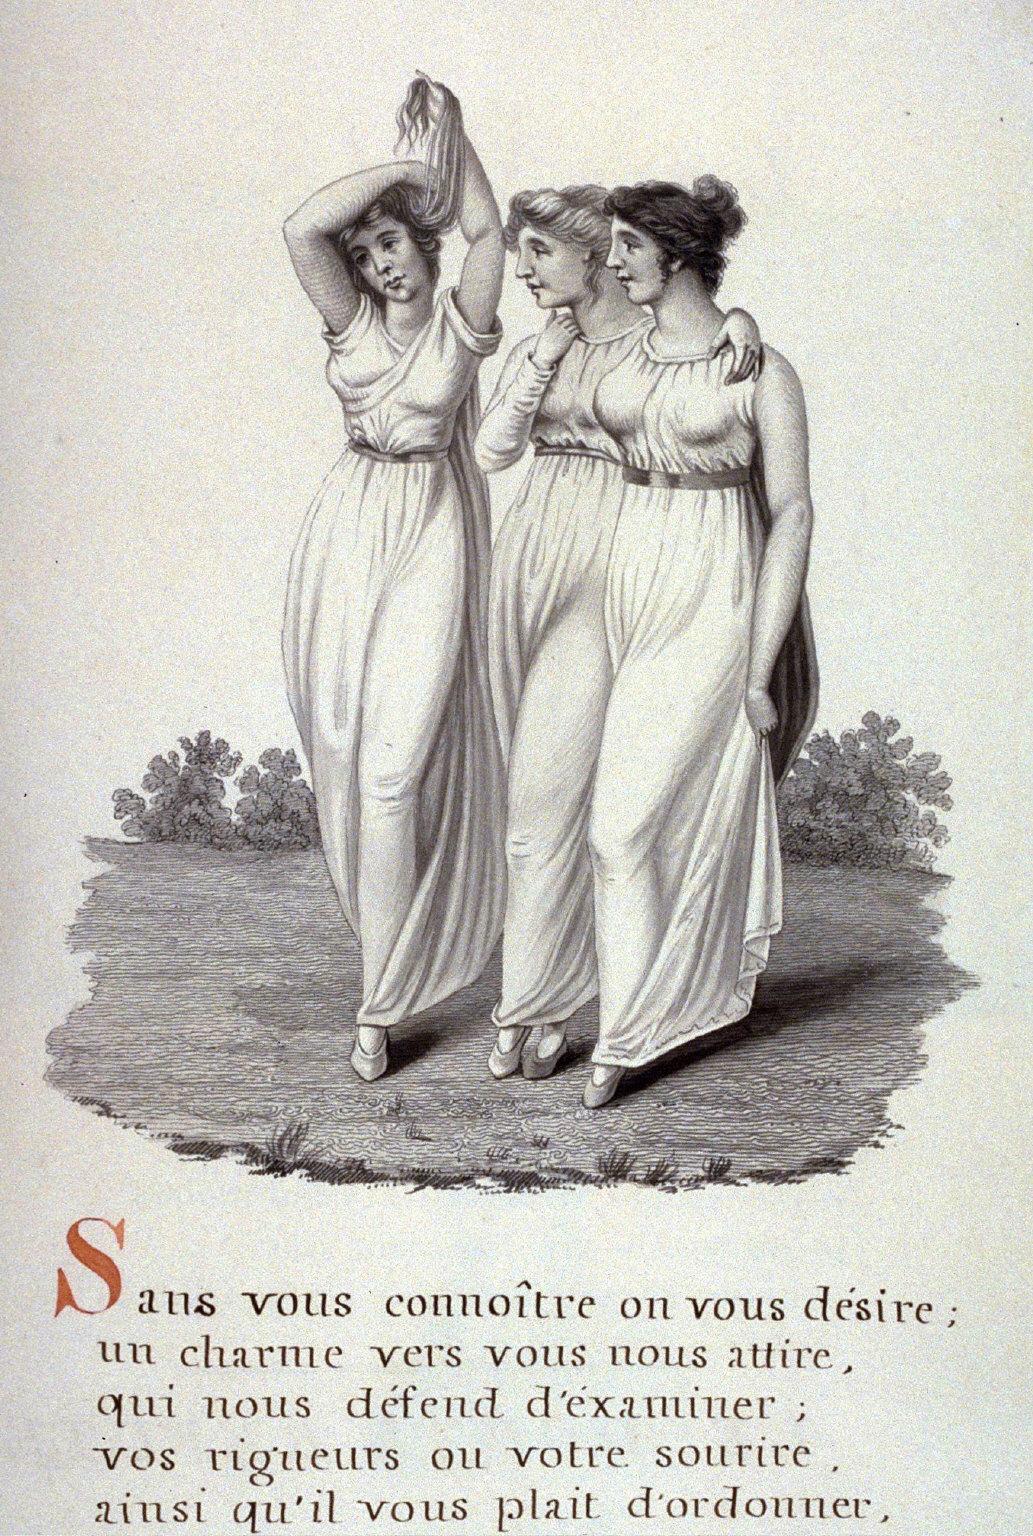 Untitled (three young women), page 505 of the book, Mon passe-tems dédié à moi-même , vol.2